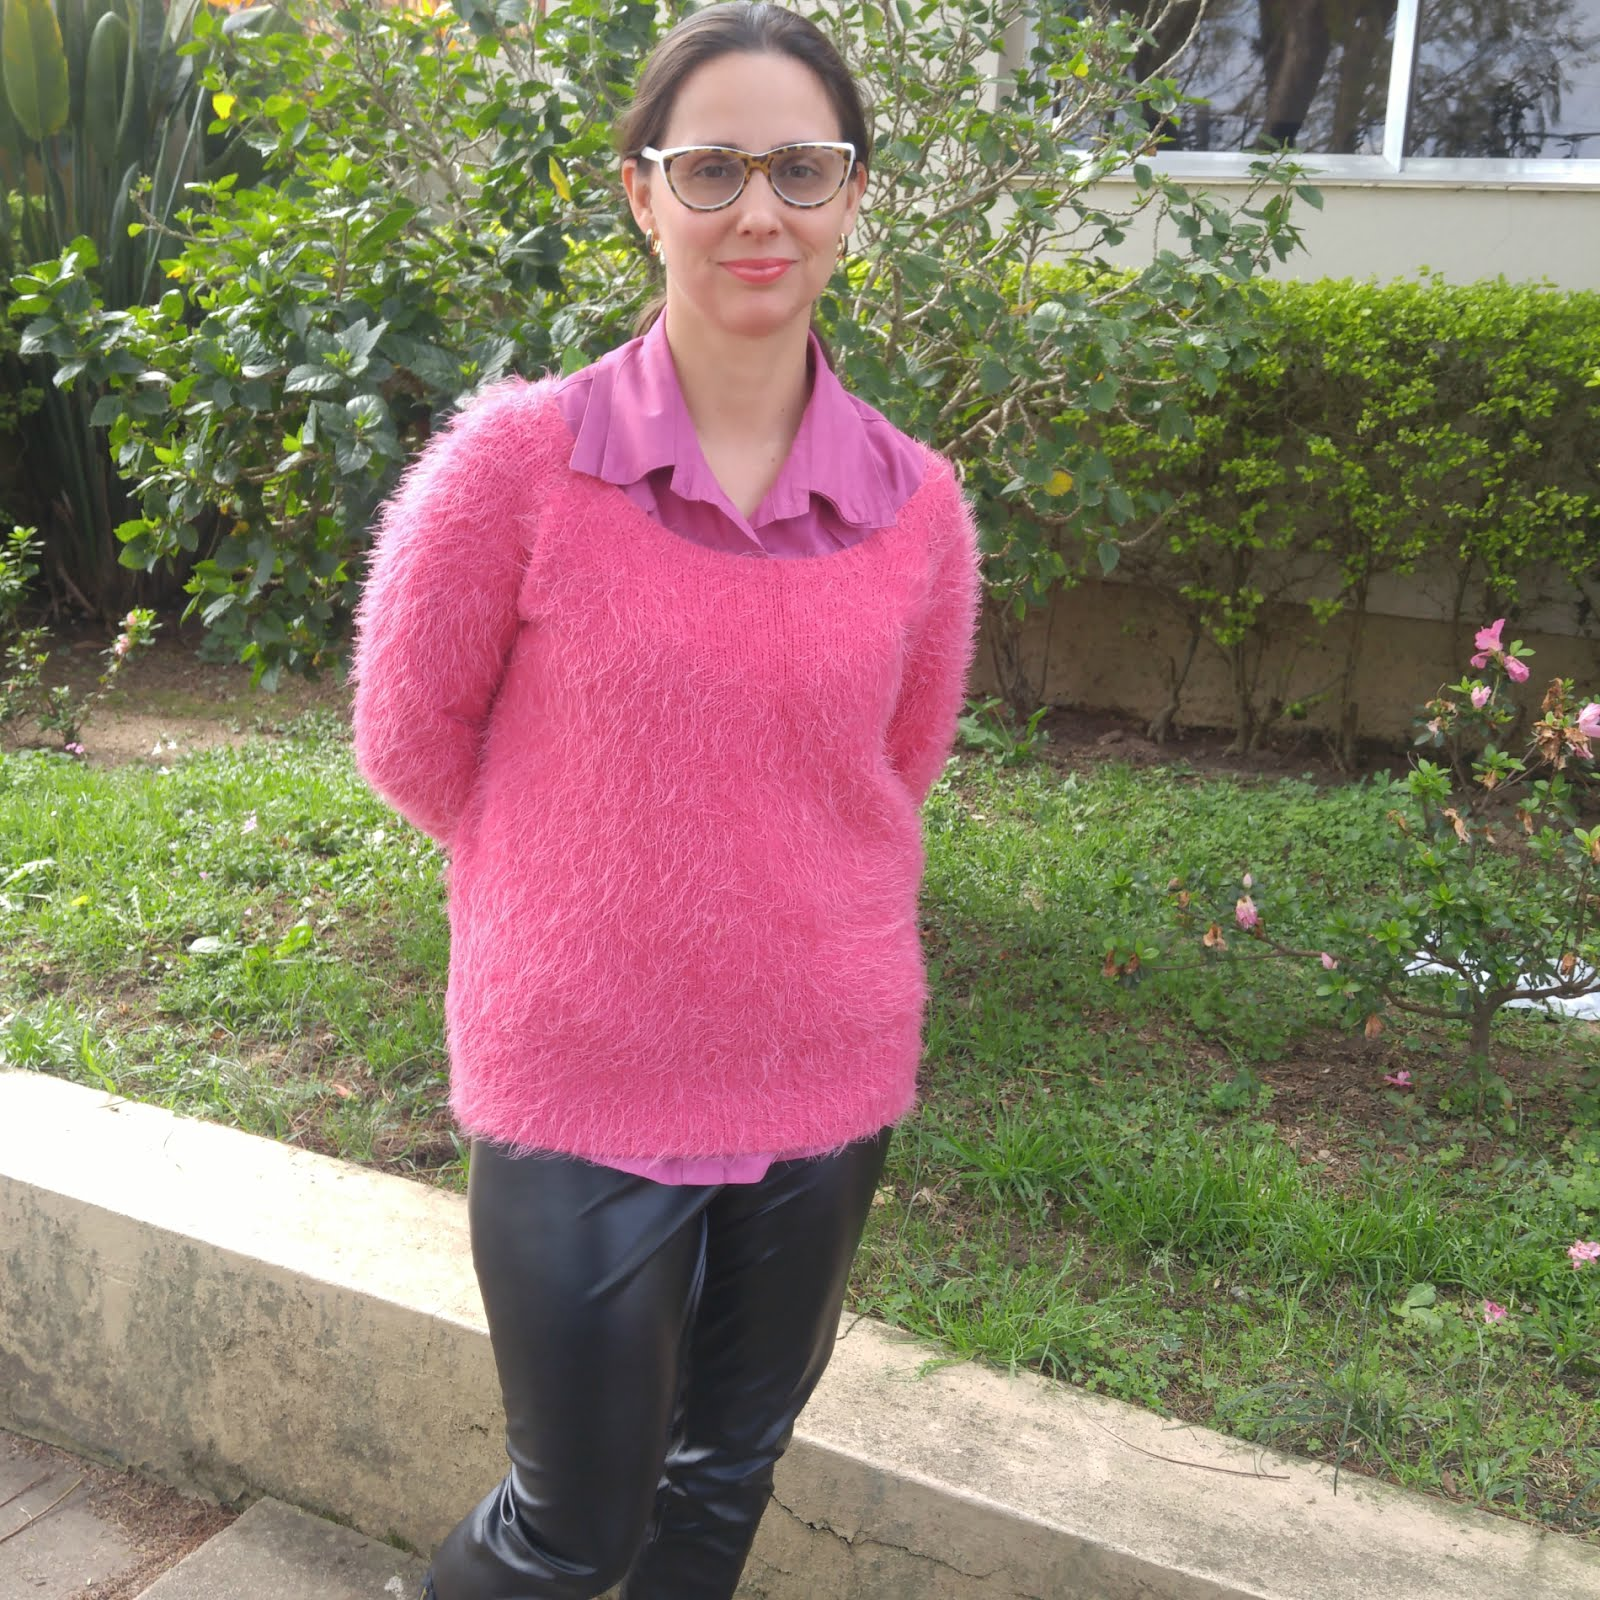 62fa60372 Suéter rosa e calça de couro - Blog Femina - Modéstia e Elegância